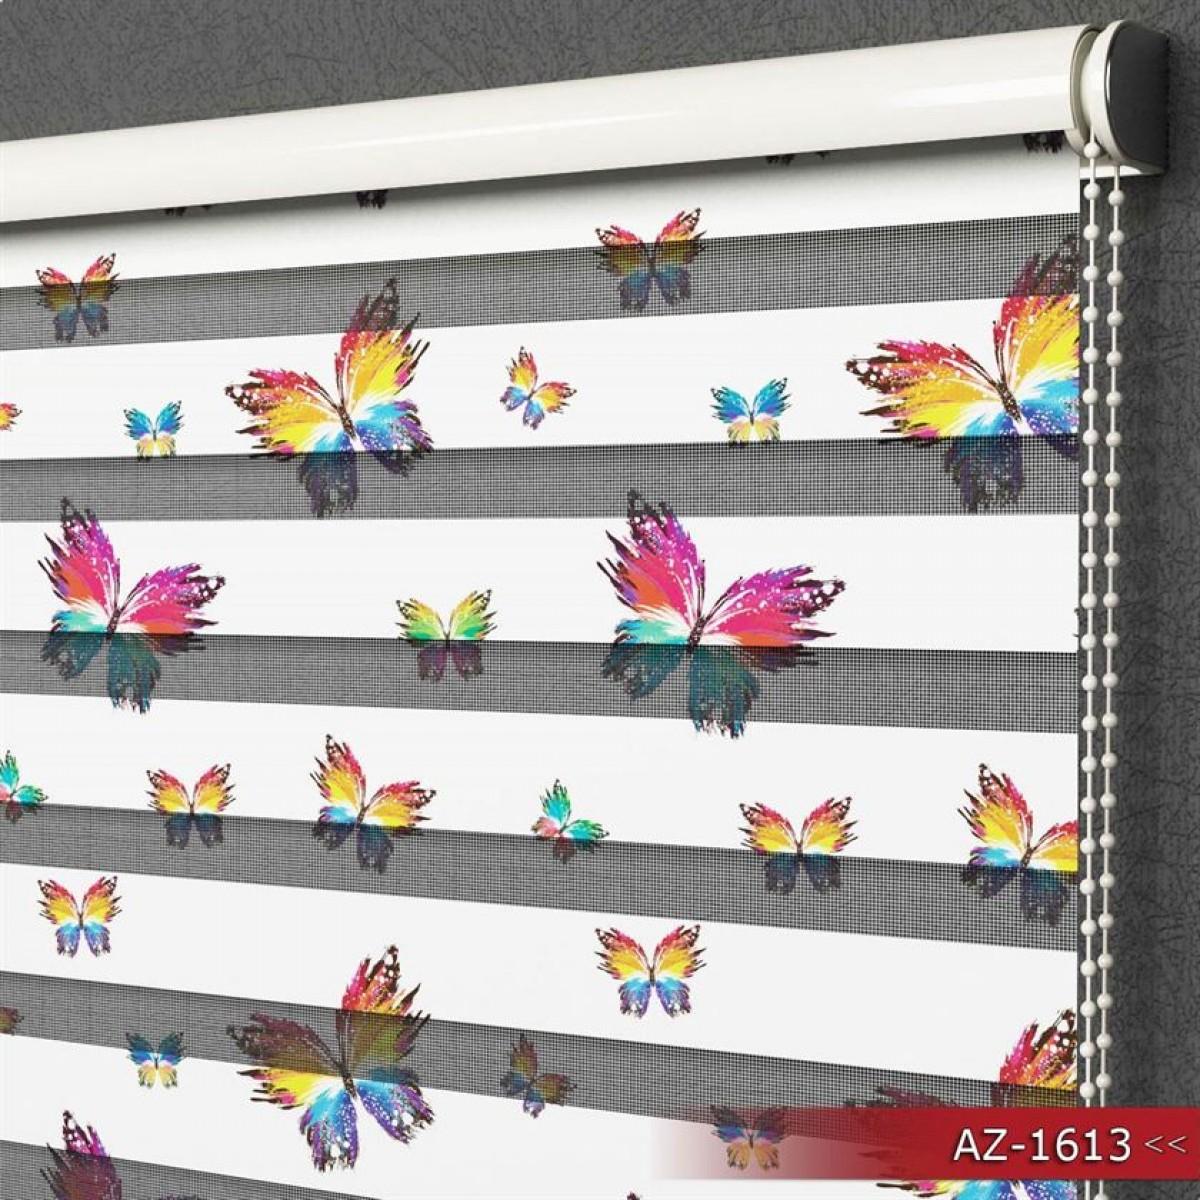 Mutfak - Renkli Kelebekler Desen Baskılı Zebra Perde